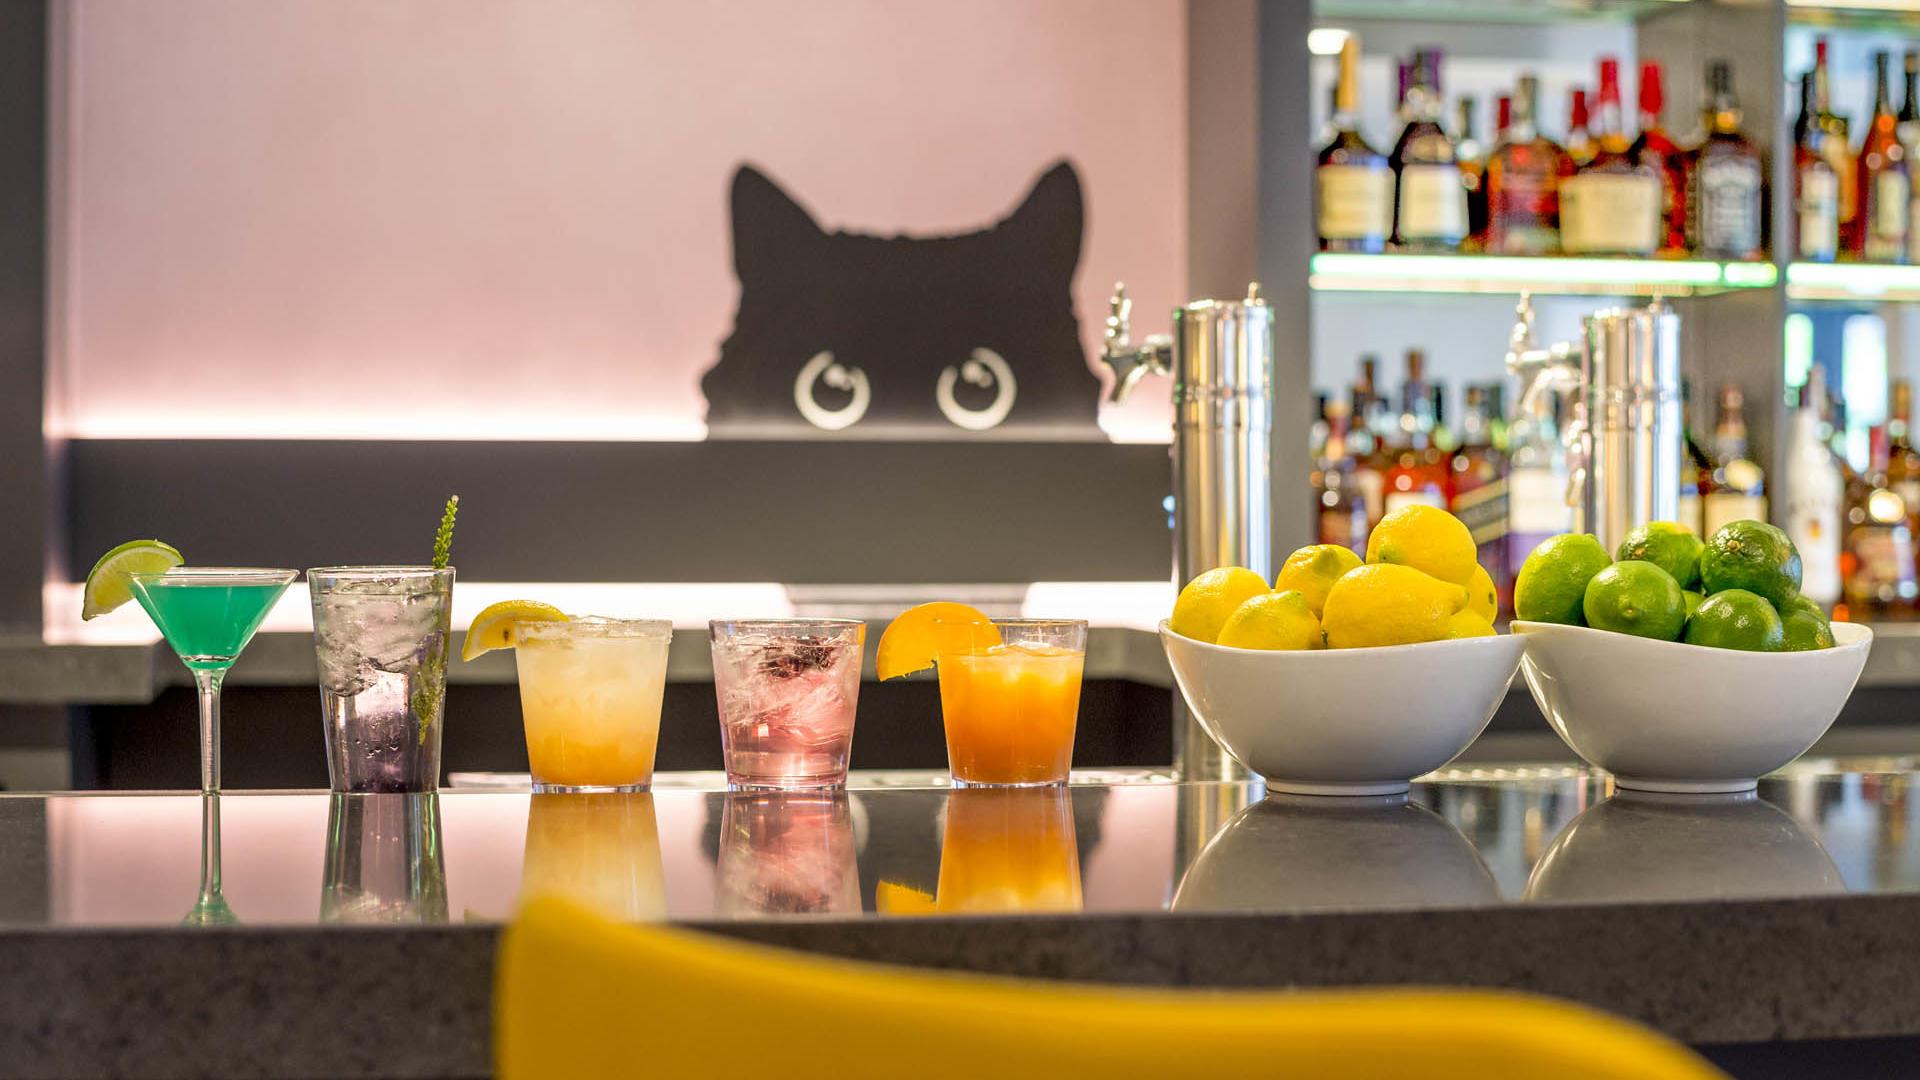 Gattara Restaurant Cocktails at Warwick Denver